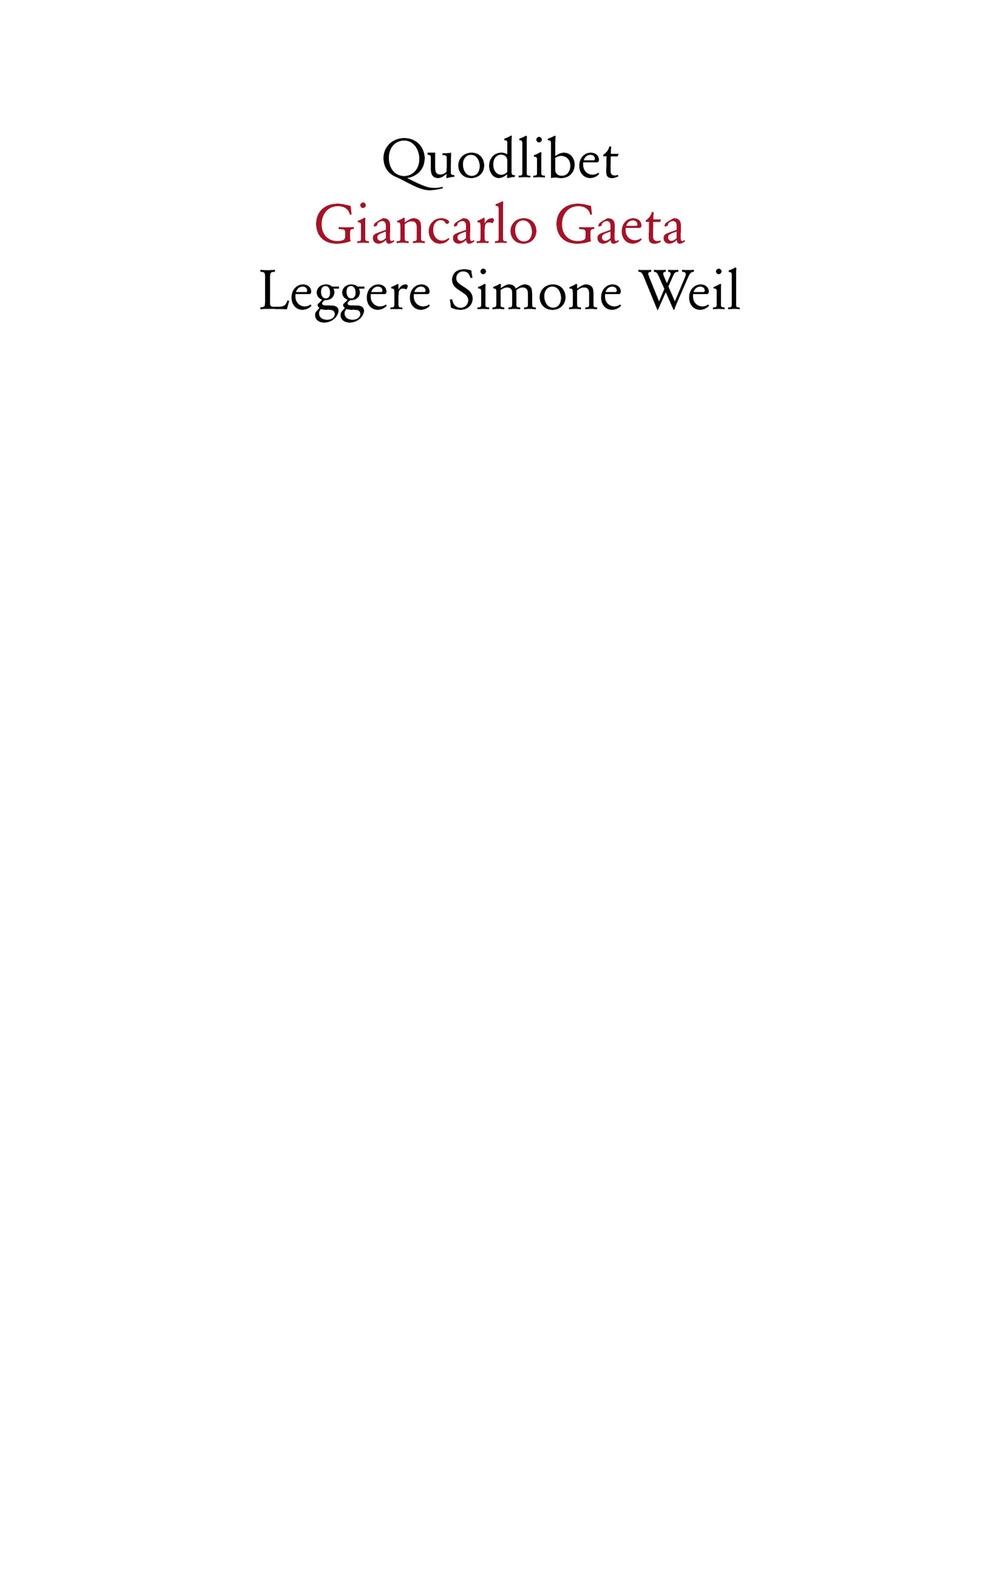 Leggere Simone Weil